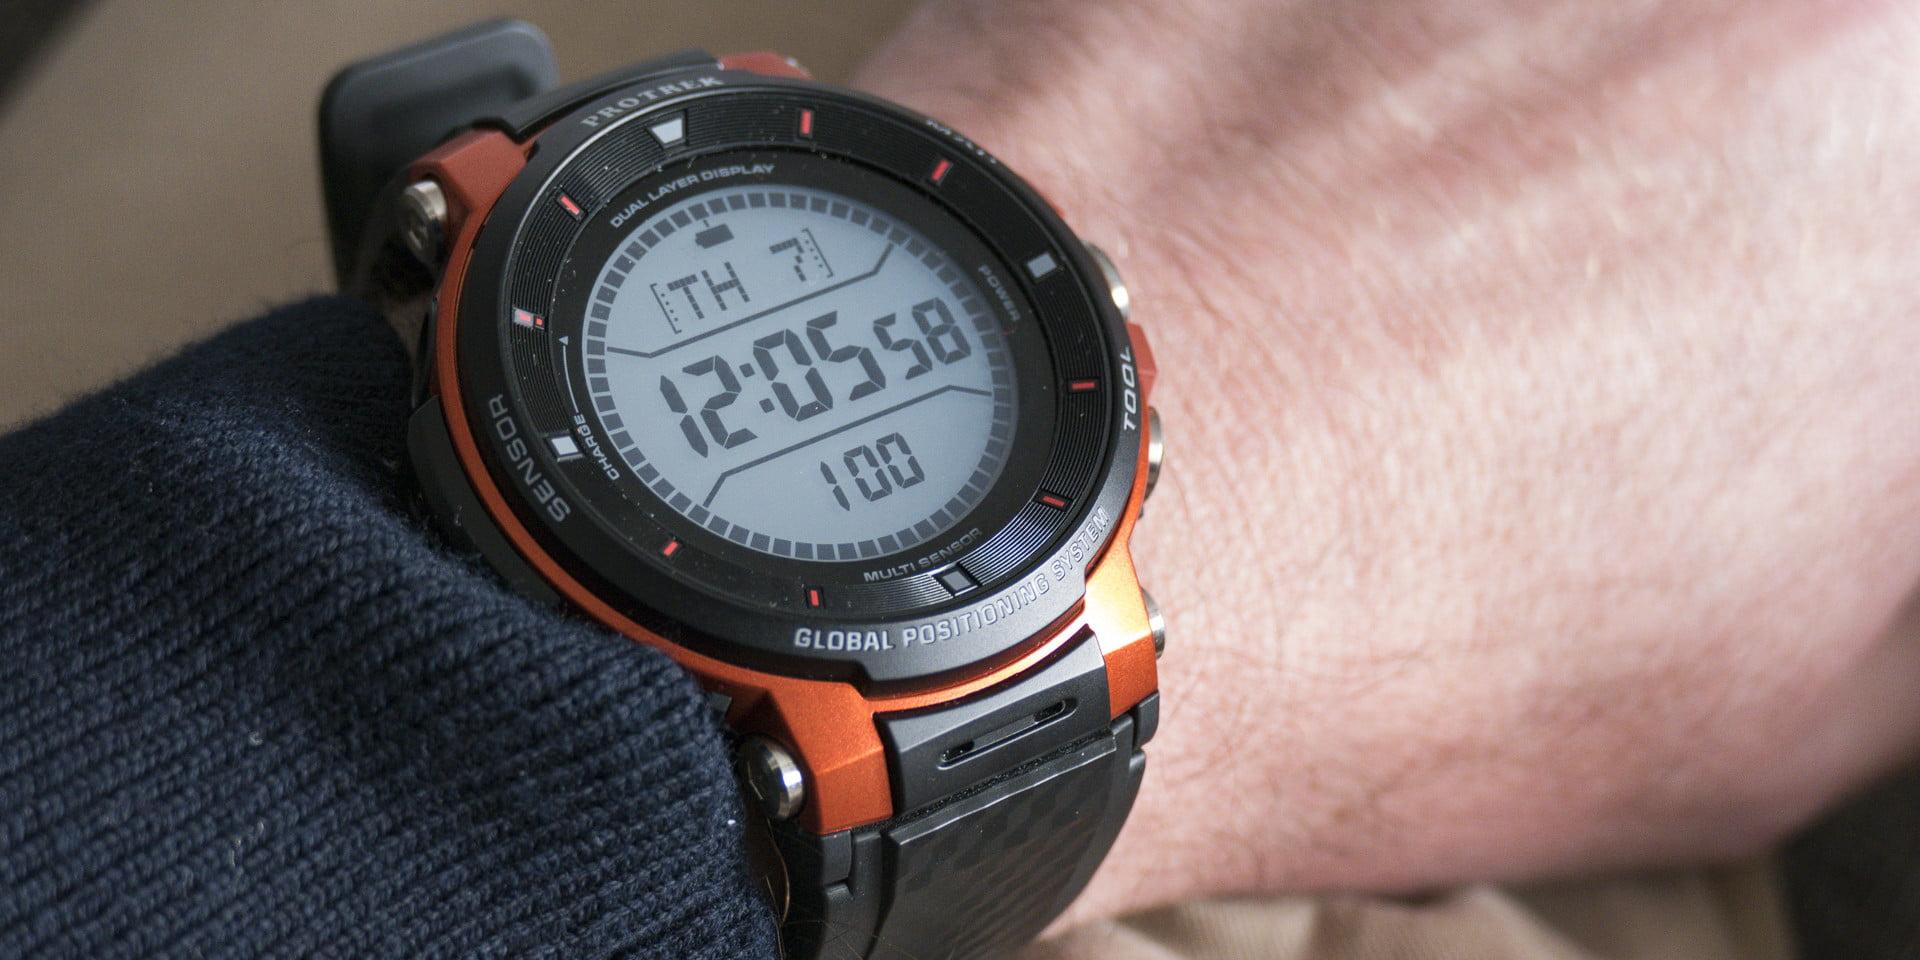 Đồng hồ Casio Protrek sở hữu nhiều tính năng nổi bật